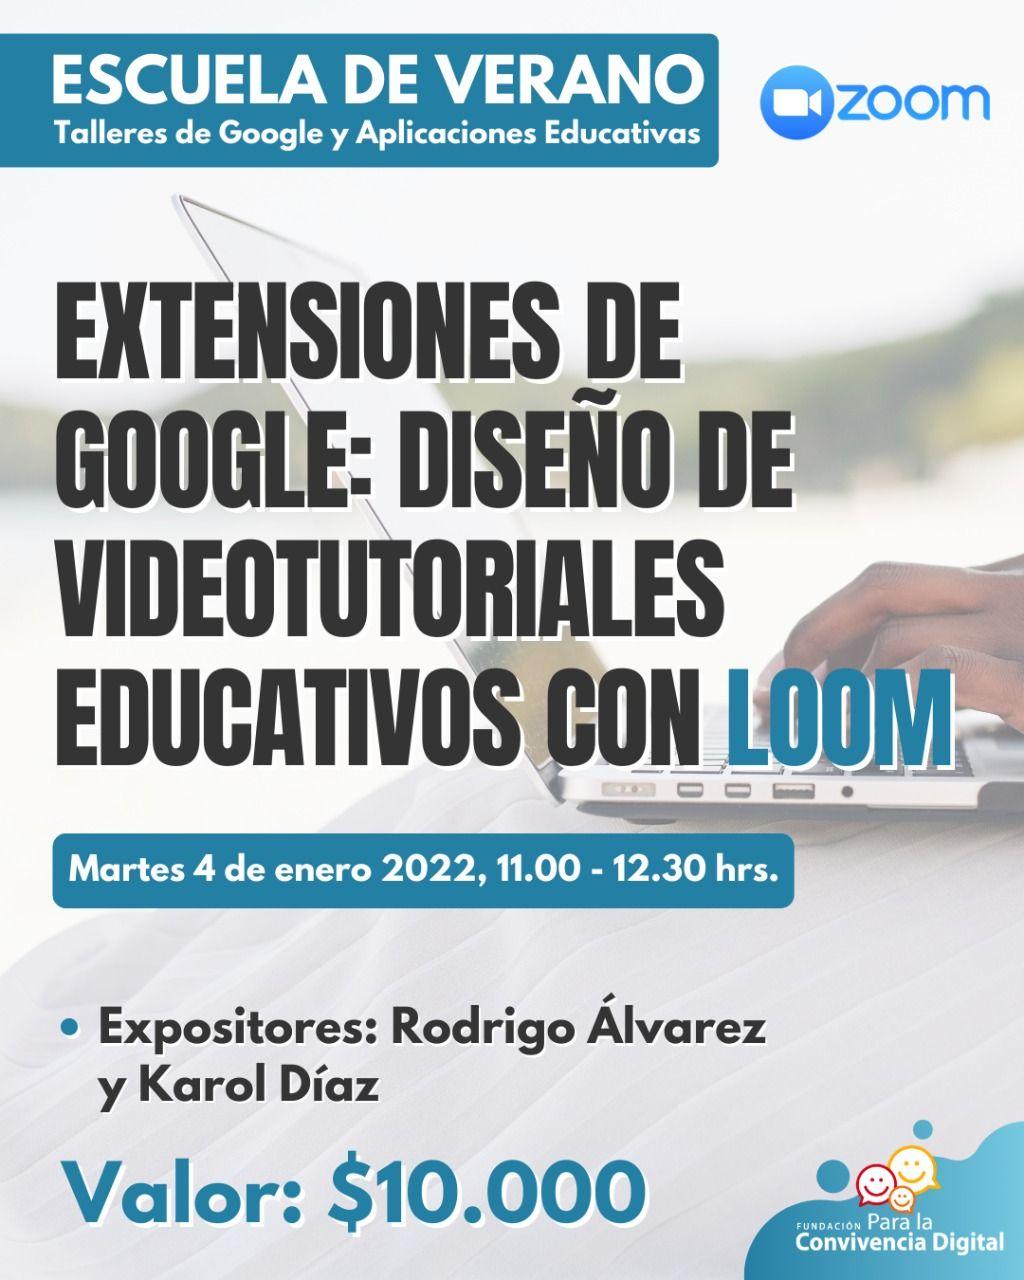 Extensiones de Google: diseño de videotutoriales educativos con Loom